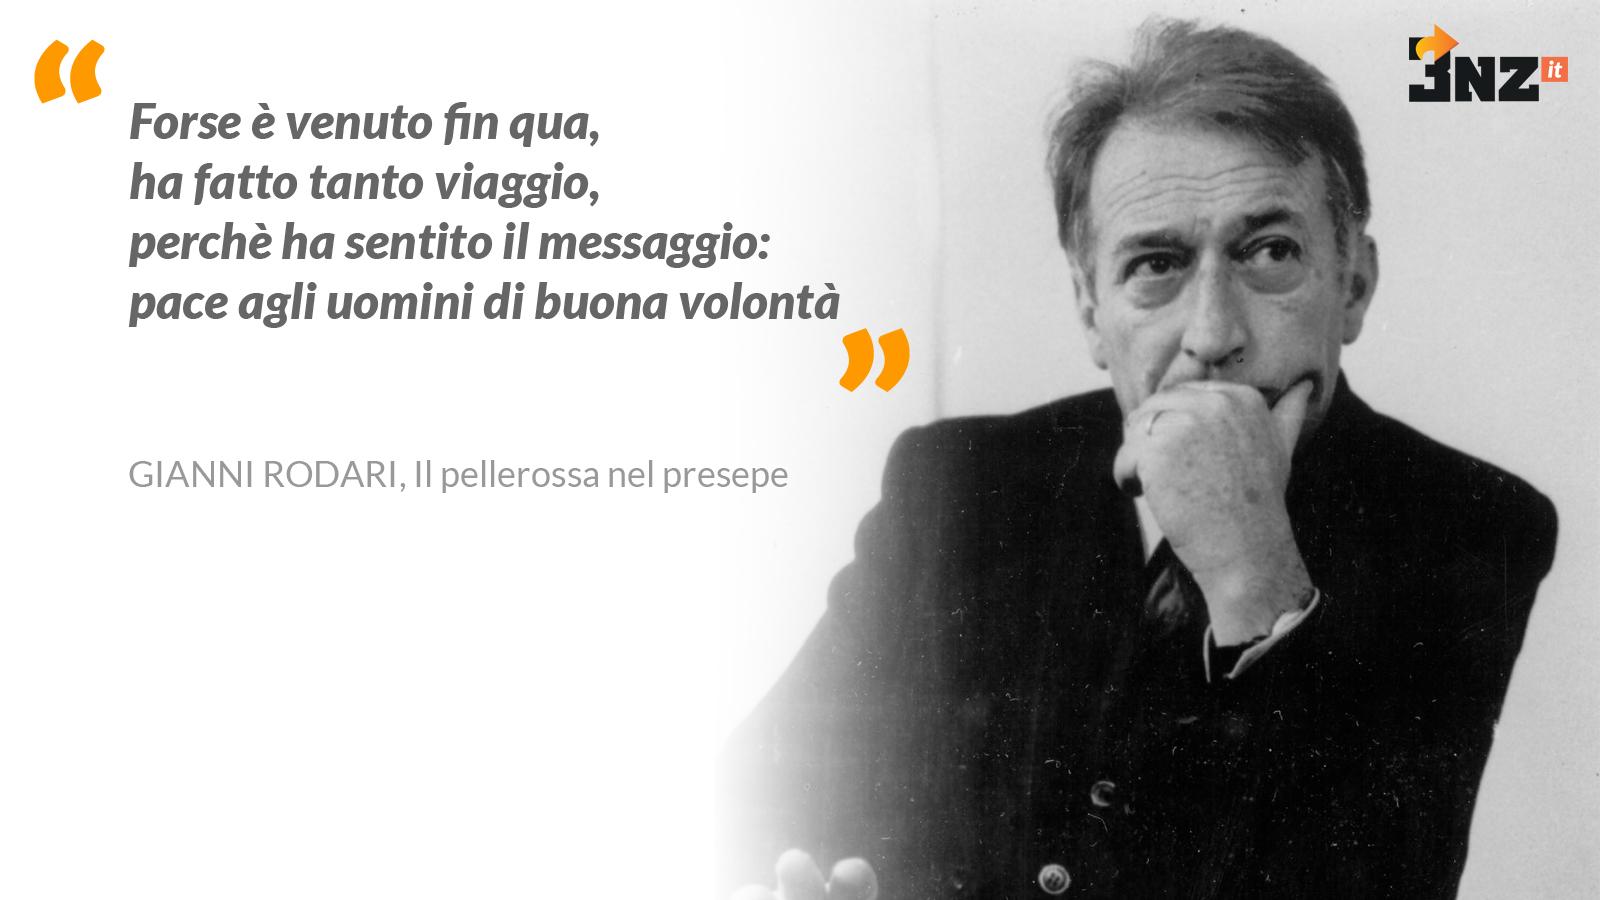 Gianni Rodari Le 10 Filastrocche Più Belle 3nz It